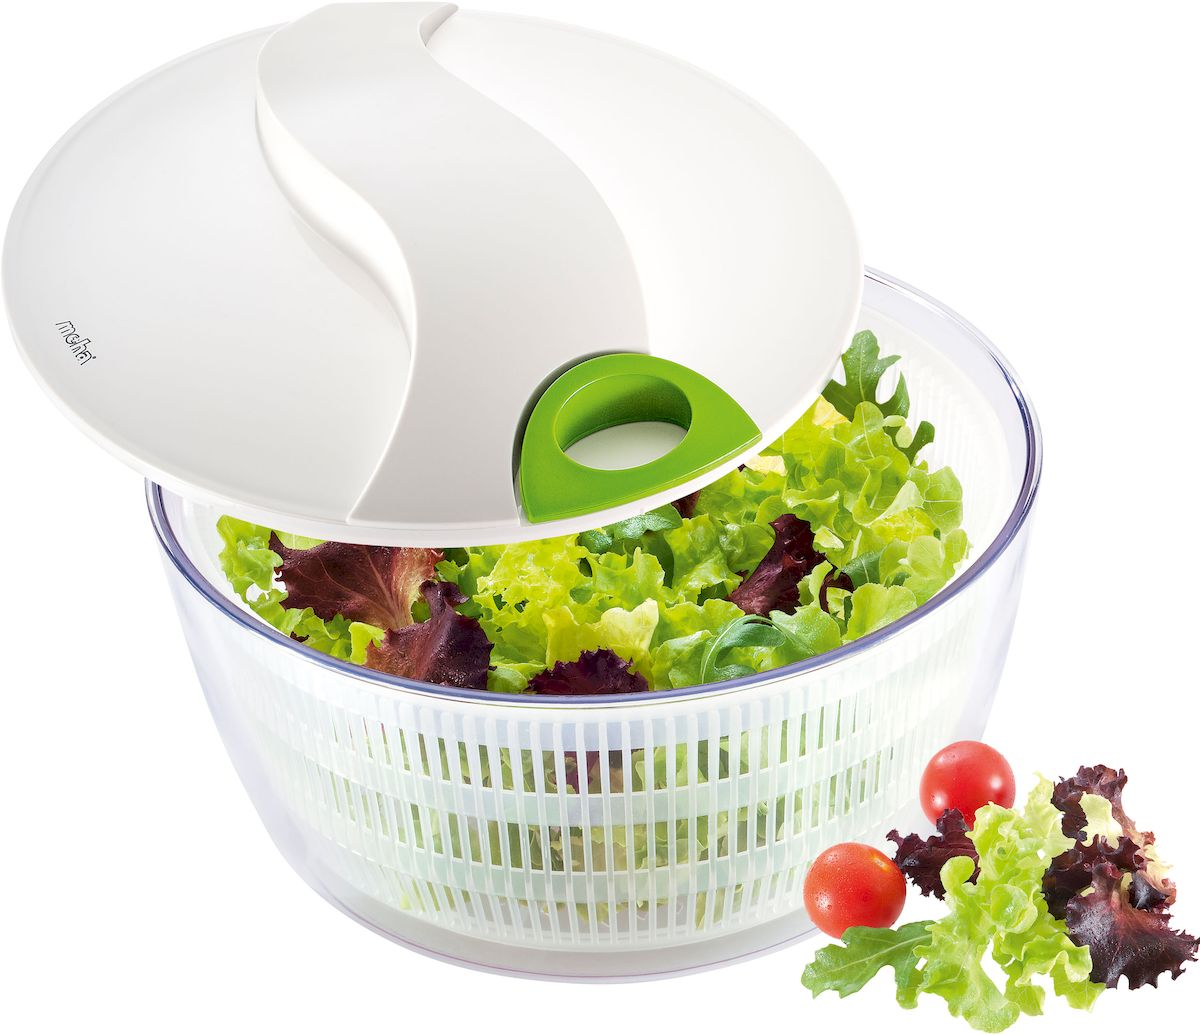 Сушилка для салатных листьев Moha Turby, цвет: белый, диаметр 24 см10405Сушка для салата применяется для удаления влаги с салатов и овощей после мойки. Сушка разбирается, что облегчает его мытье. Плоская крышка обеспечивает удобство хранения емкости в холодильнике, благодаря чему зелень сохраняет свежесть в течение нескольких дней. Легка в применении: поместите зелень в корзину и промойте под проточной водой, поместите корзину в емкость и закройте крышку, возьмите ручку и прокрутите ручку. Корзина внутри начнет вращаться. В процессе вращения с зелени устраняются остатки воды и загрязнений. Остановите вращение. Ваша зелень готова к употреблению. Сито можно использовать как дуршлаг.